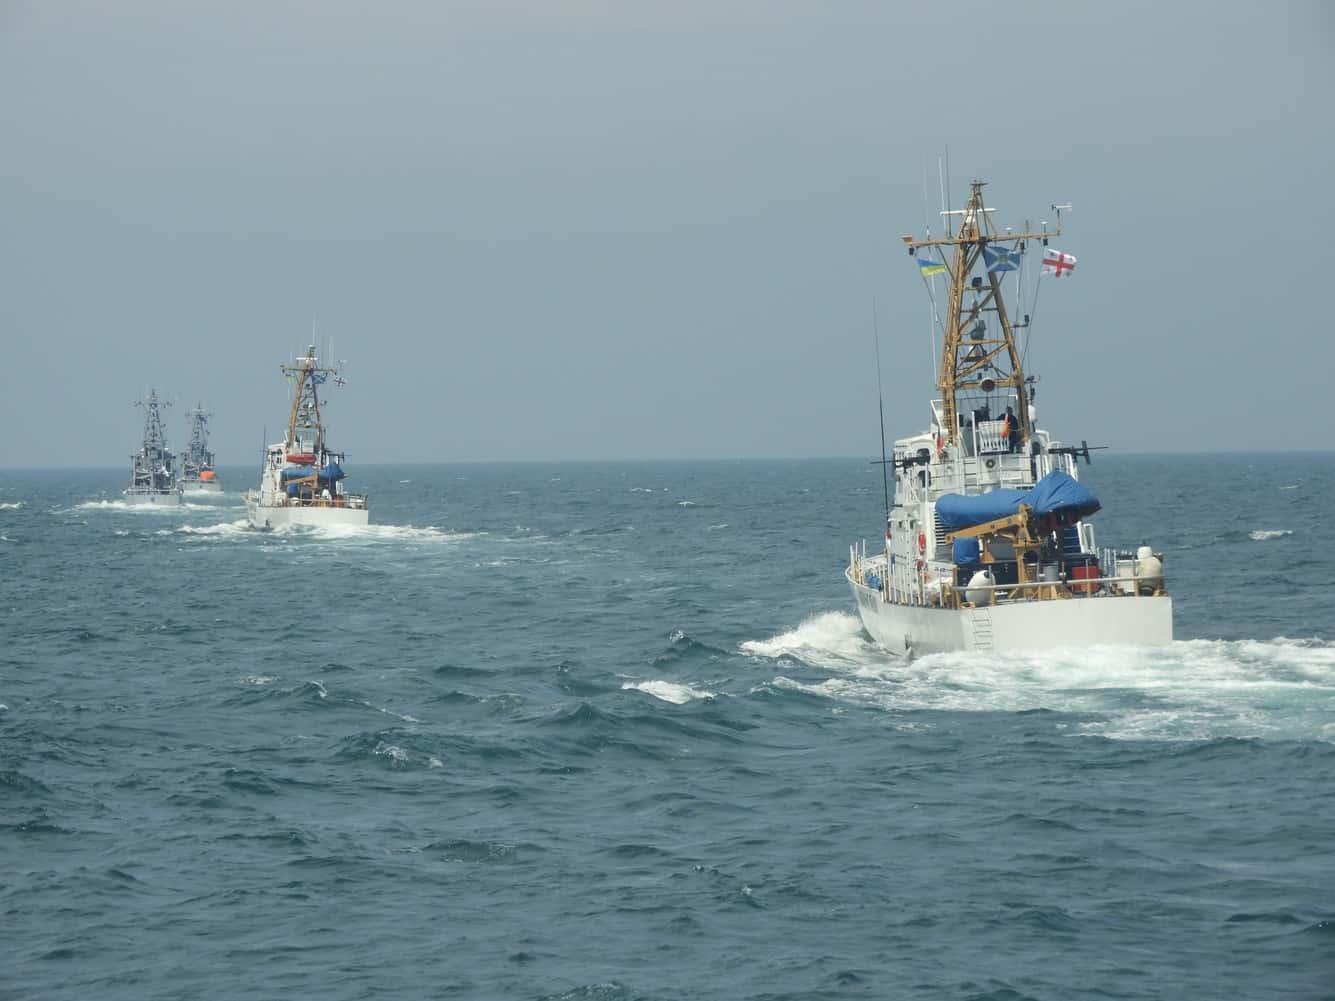 Тактична група патрульних катерів типу Island ВМС ЗС України та Берегової охорони Грузії